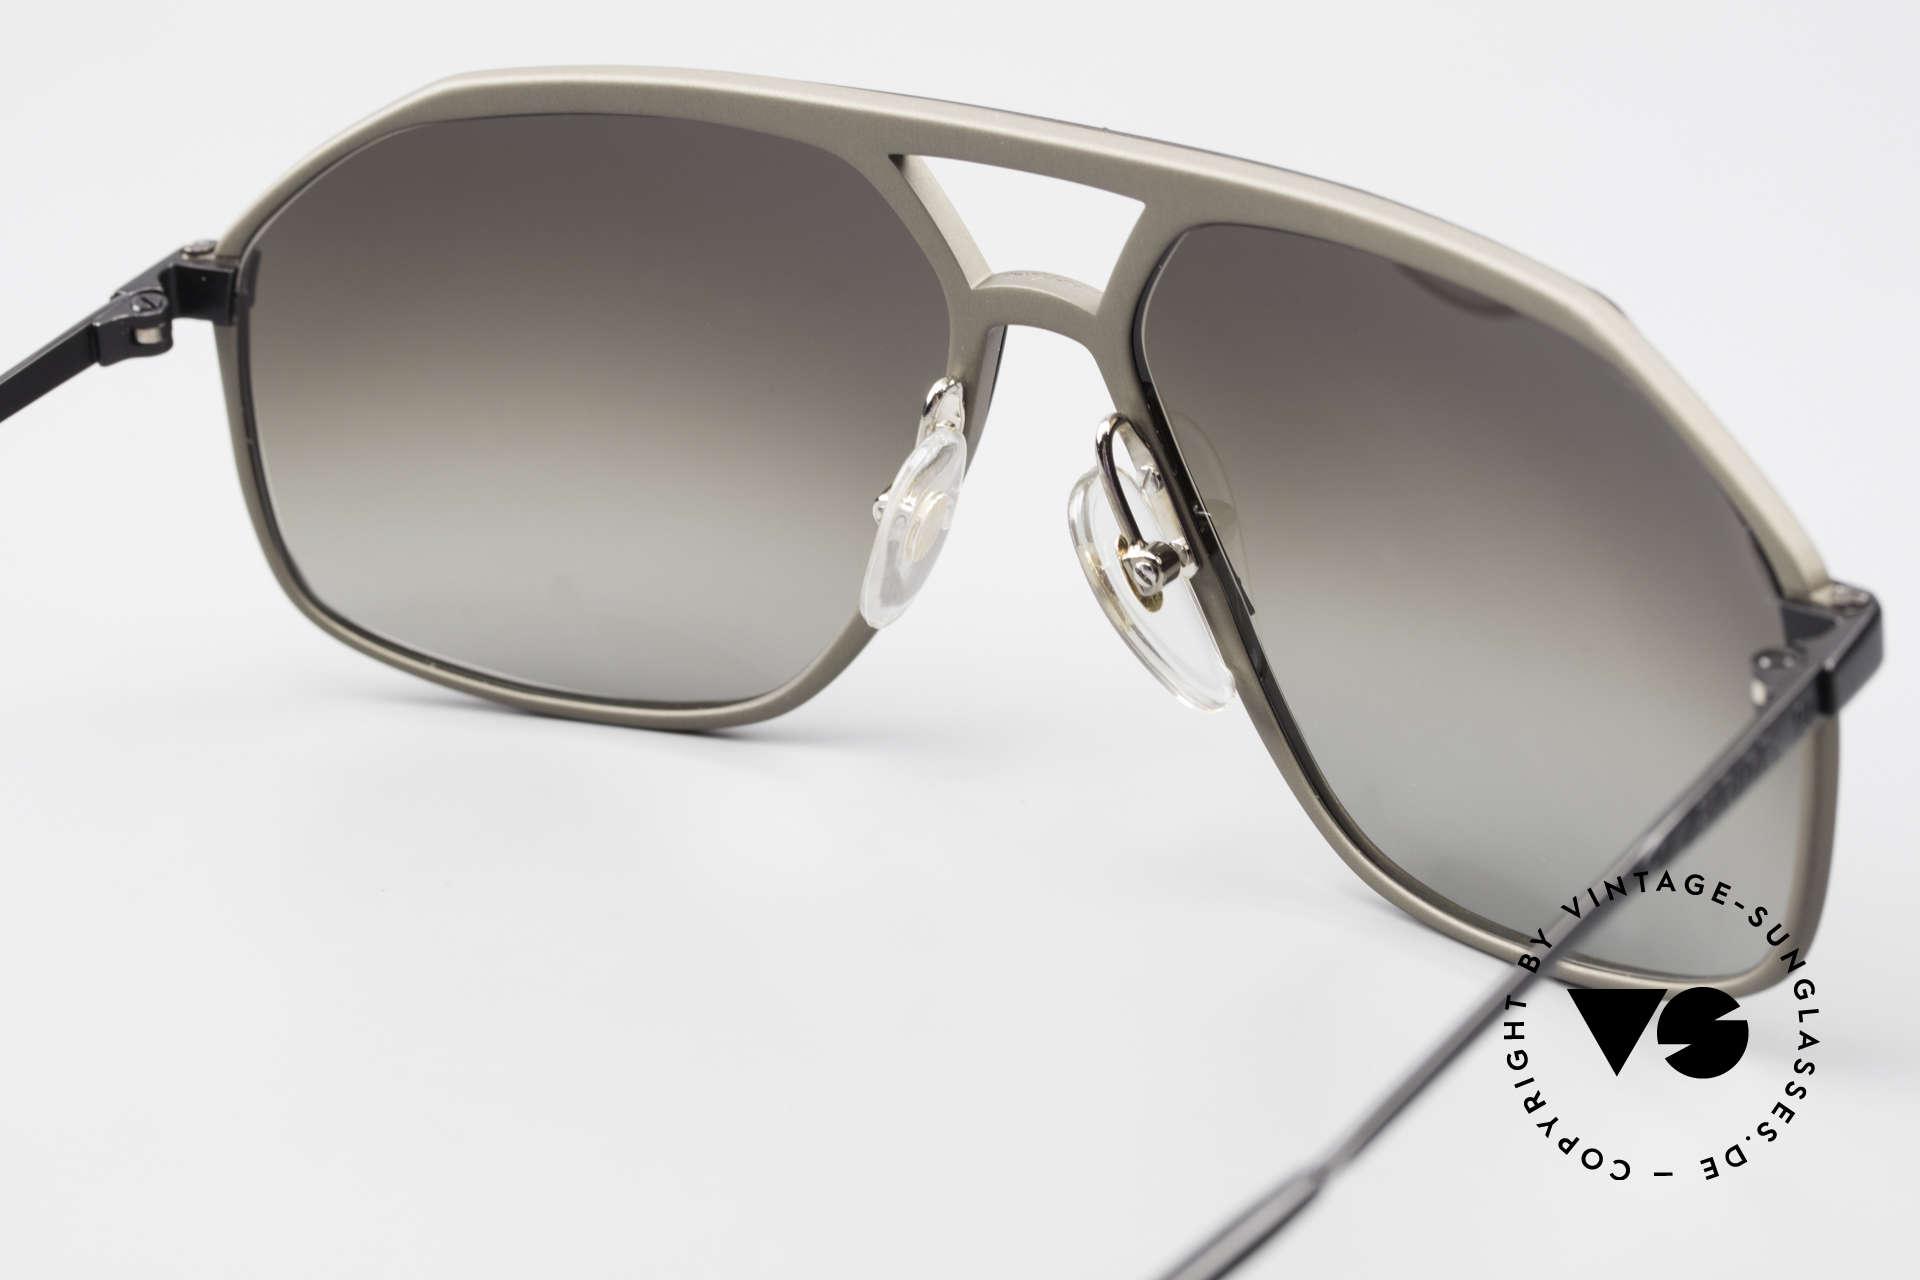 Alpina M1/7 Rare Vintage Sonnenbrille 90er, Bügelaufdrucke fehlen bei diesem Exemplar, RARITÄT, Passend für Herren